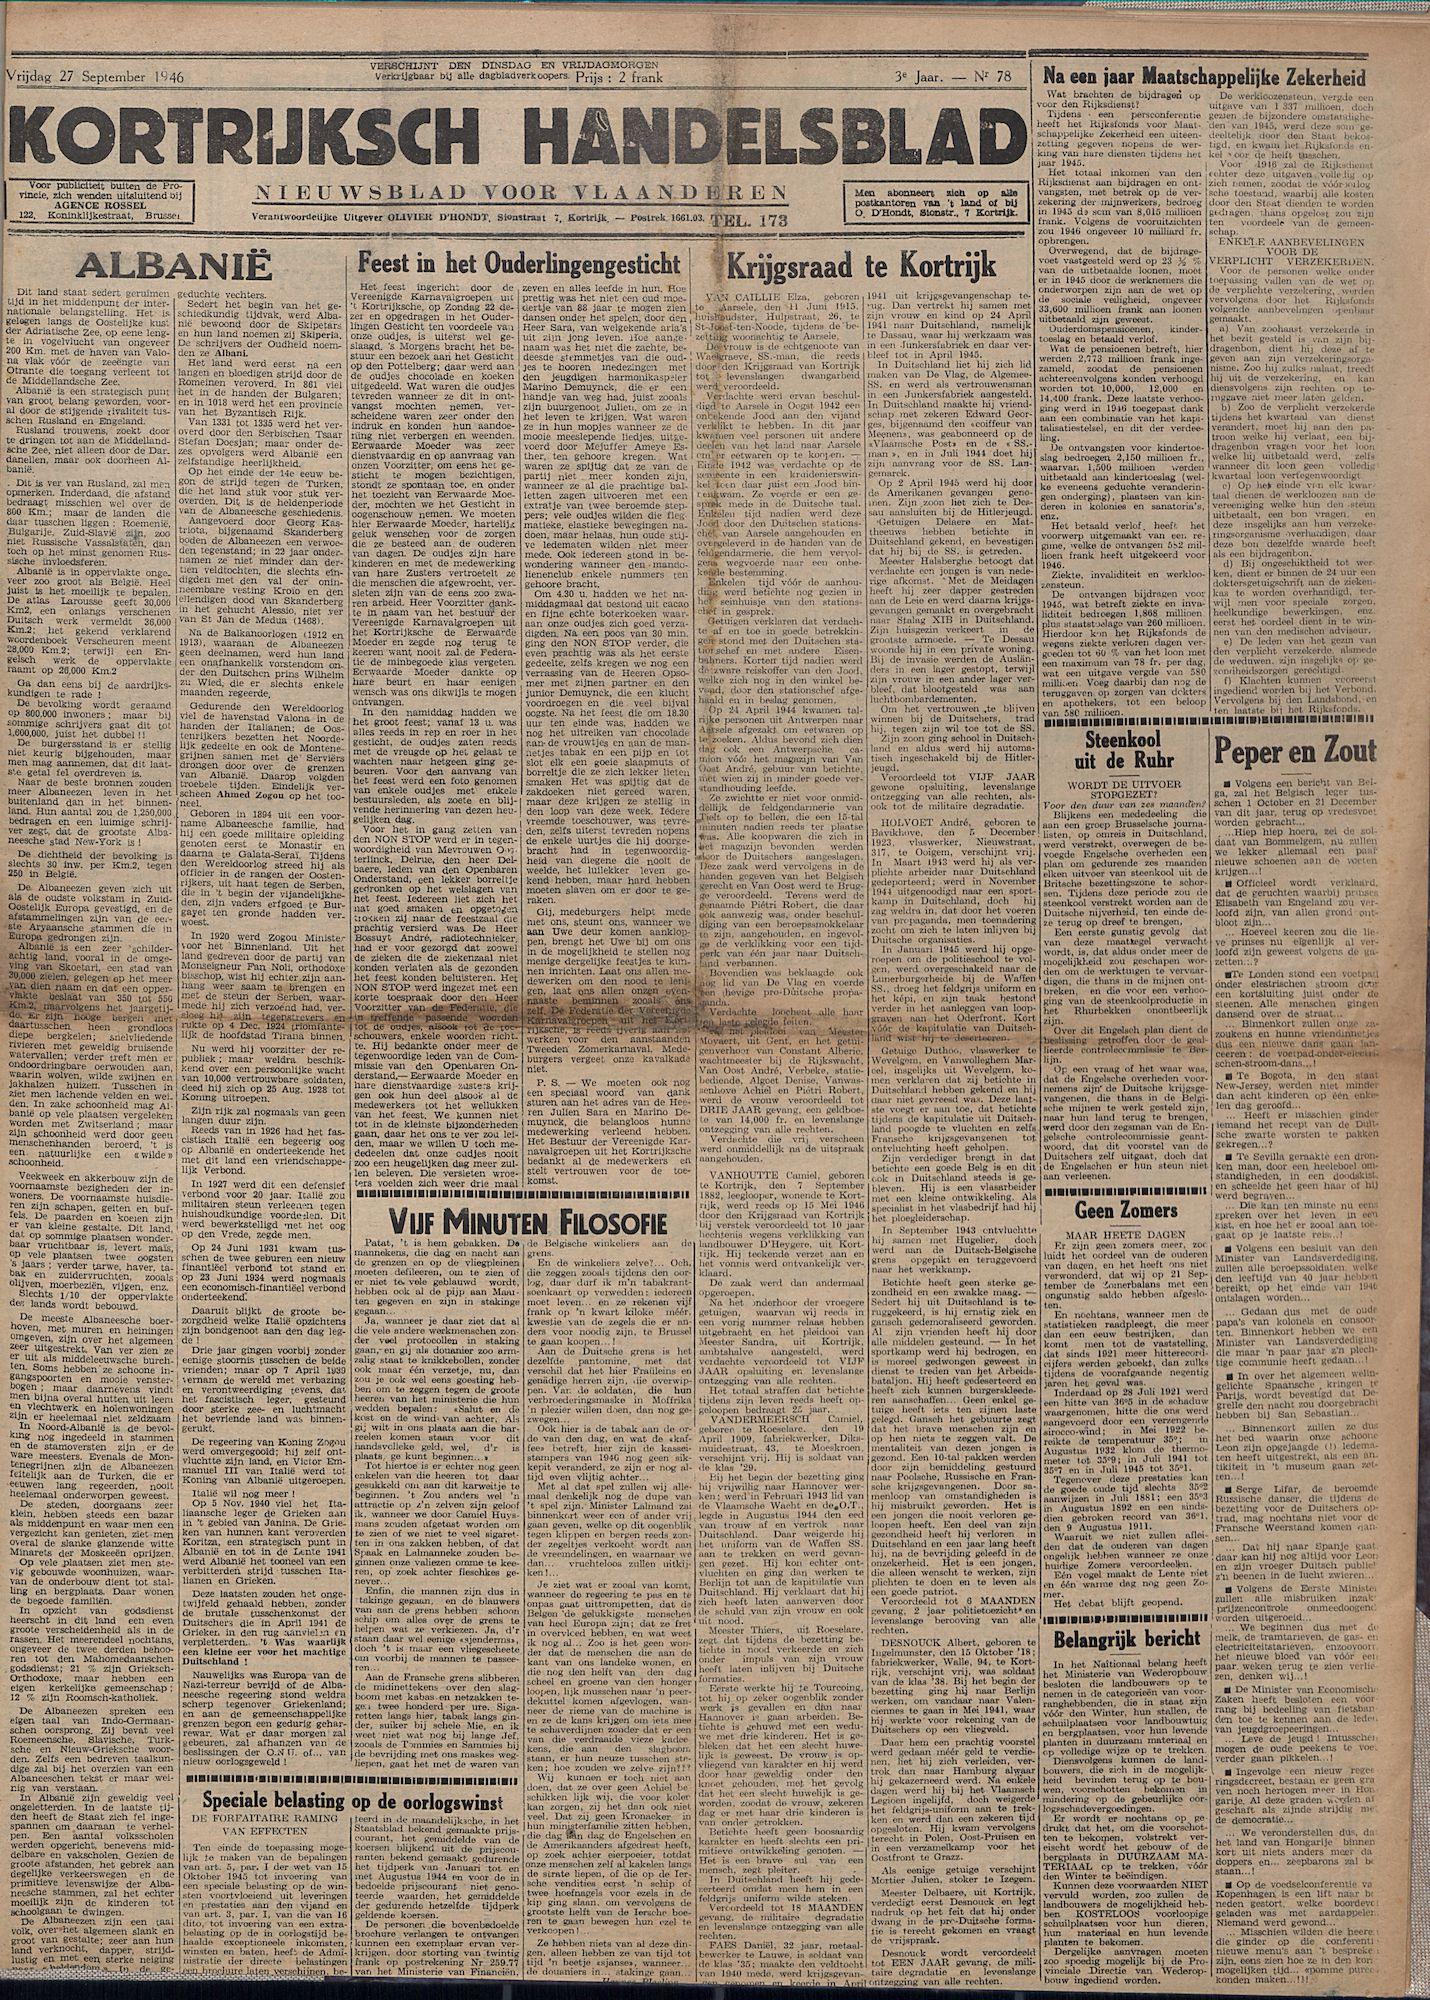 Kortrijksch Handelsblad 27 september 1946 Nr78 p1